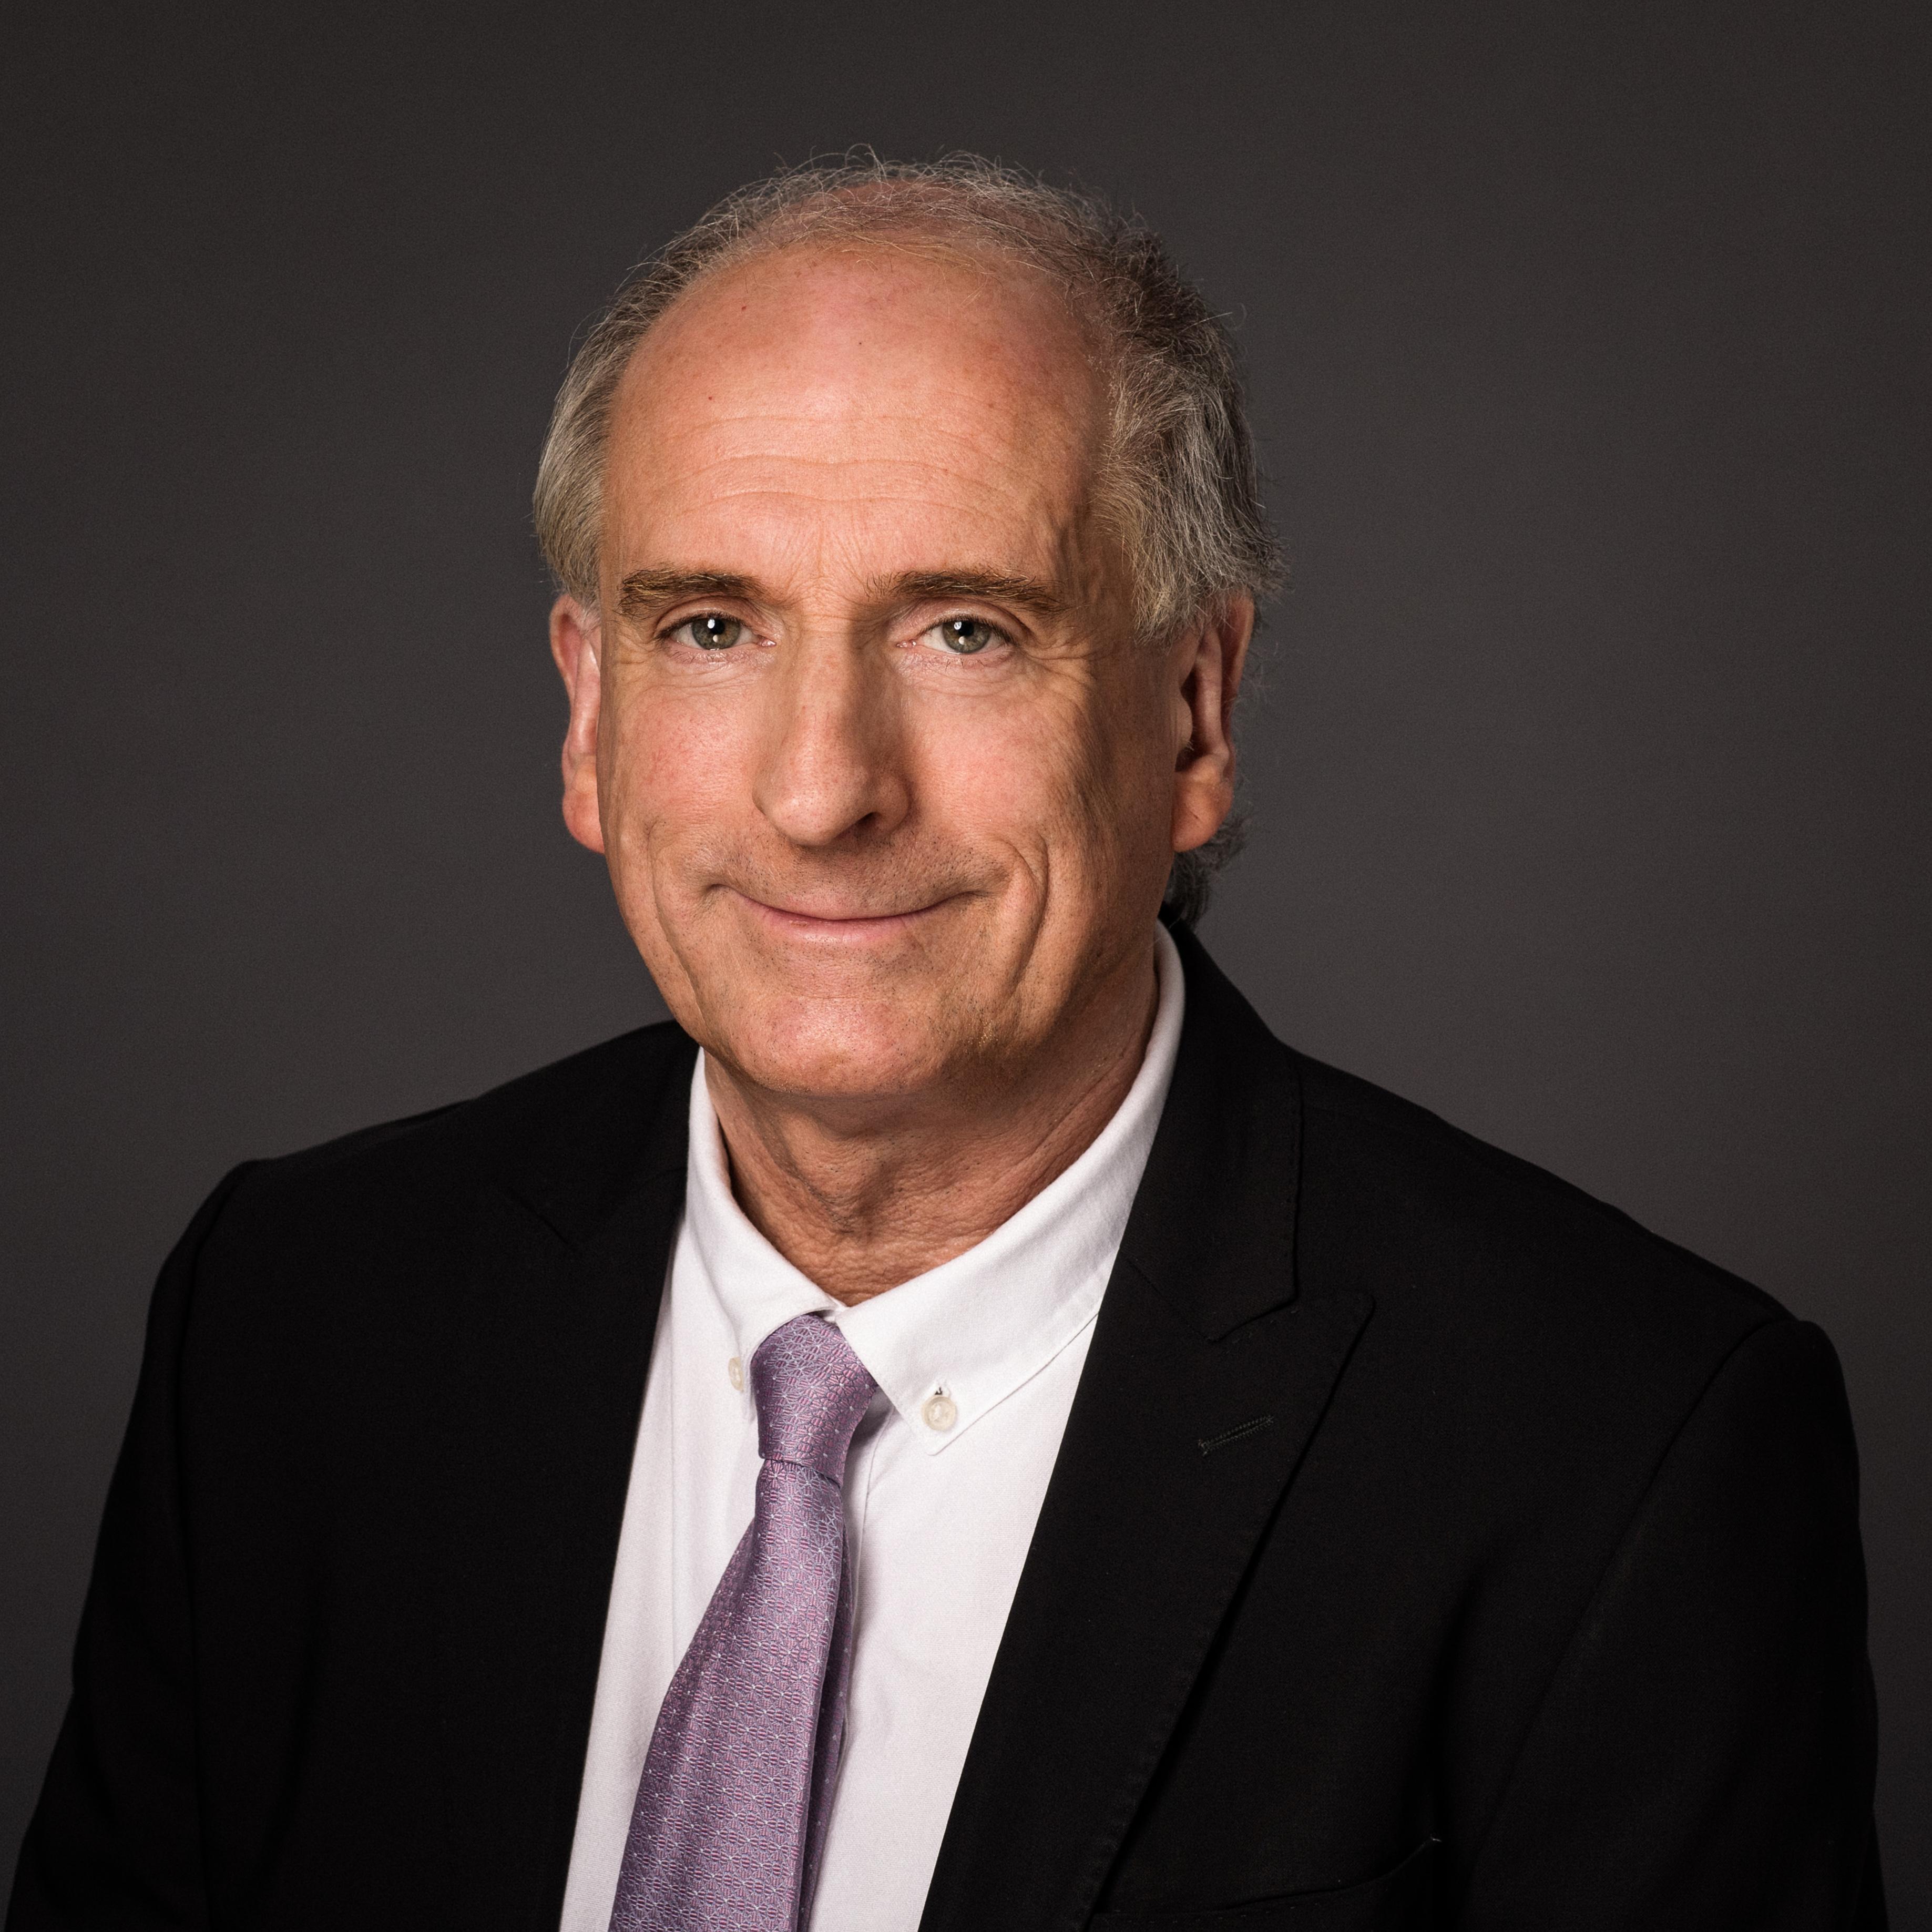 Peter O'Keeffe